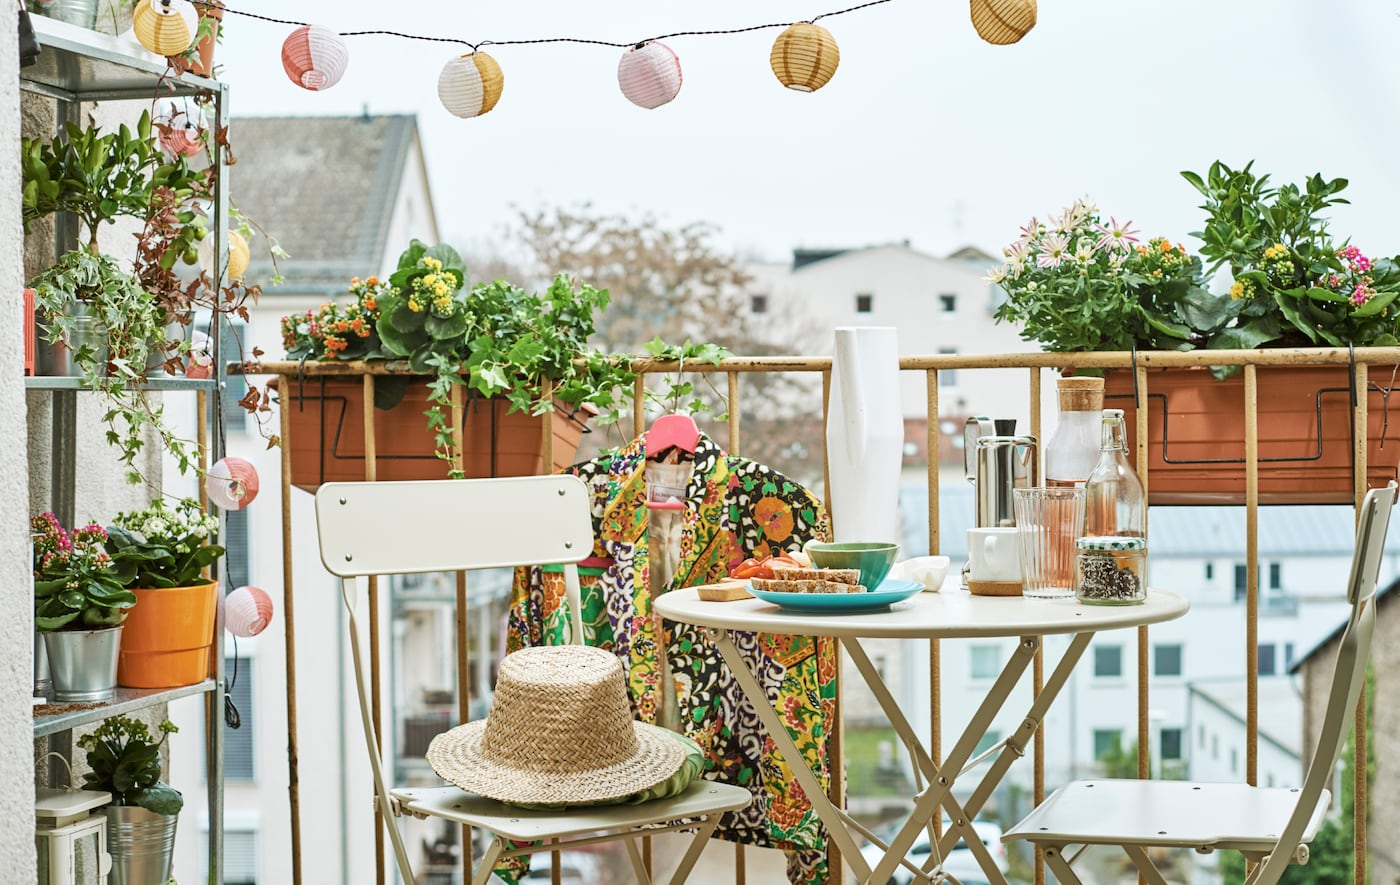 Kaupunkiparvekkeella on kukkalaatikot, kukkahylly täynnä kasveja, koristevalot ja bistro-tyylinen ruokailuryhmä täynnä herkullisia välipaloja.